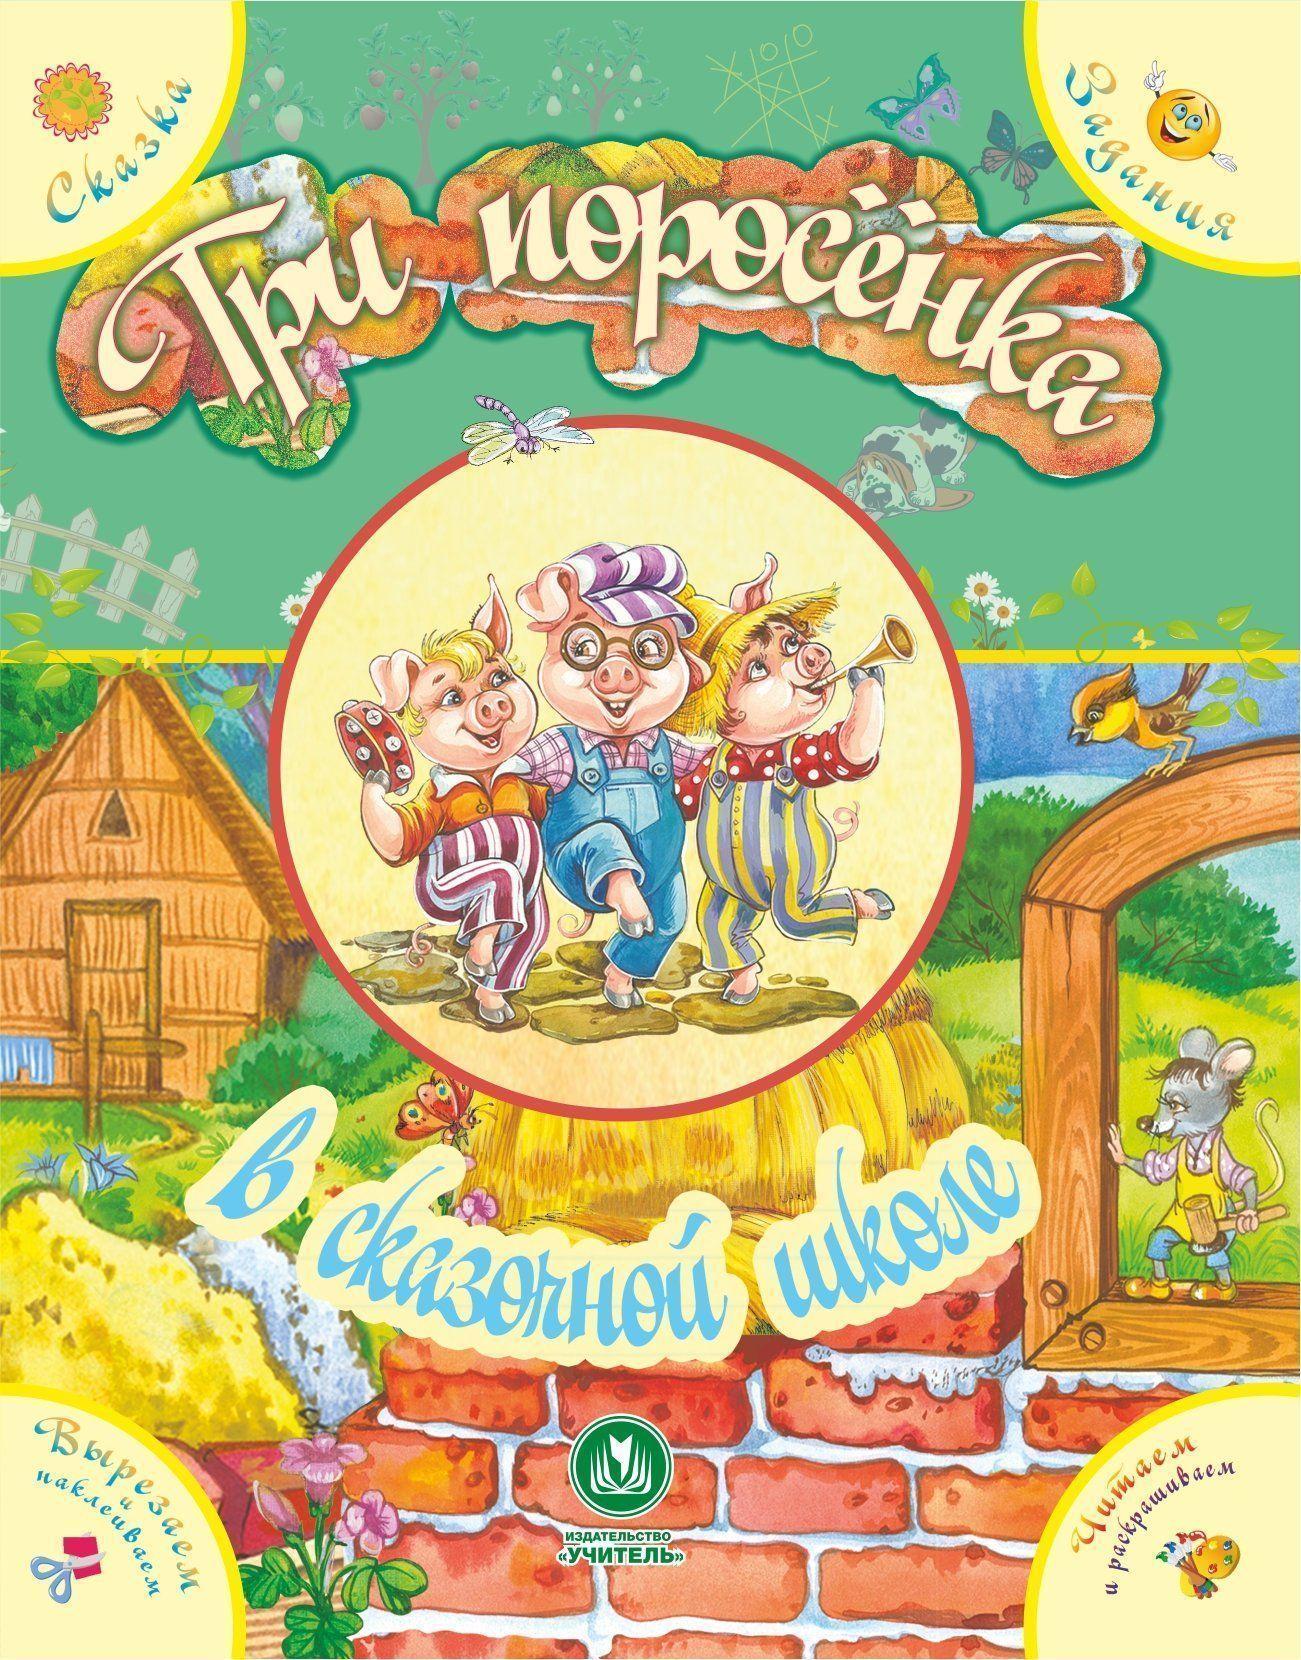 Три поросенка в сказочной школе. Сказка с развивающими заданиямиДетские книги<br>Перед Вами замечательная книга, которая поможет взрослым не только занять досуг ребенка, но и провести его с пользой. Слушая или читая интересную сказку, малыш приобщится к сокровищам мировой литературы. Но ведь читать книгу гораздо интереснее, если в ней...<br><br>Авторы: Ищук Е.С.<br>Год: 2017<br>Серия: В сказочной школе<br>ISBN: 978-5-7057-5121-1<br>Высота: 260<br>Ширина: 205<br>Толщина: 1<br>Переплёт: мягкая, скрепка